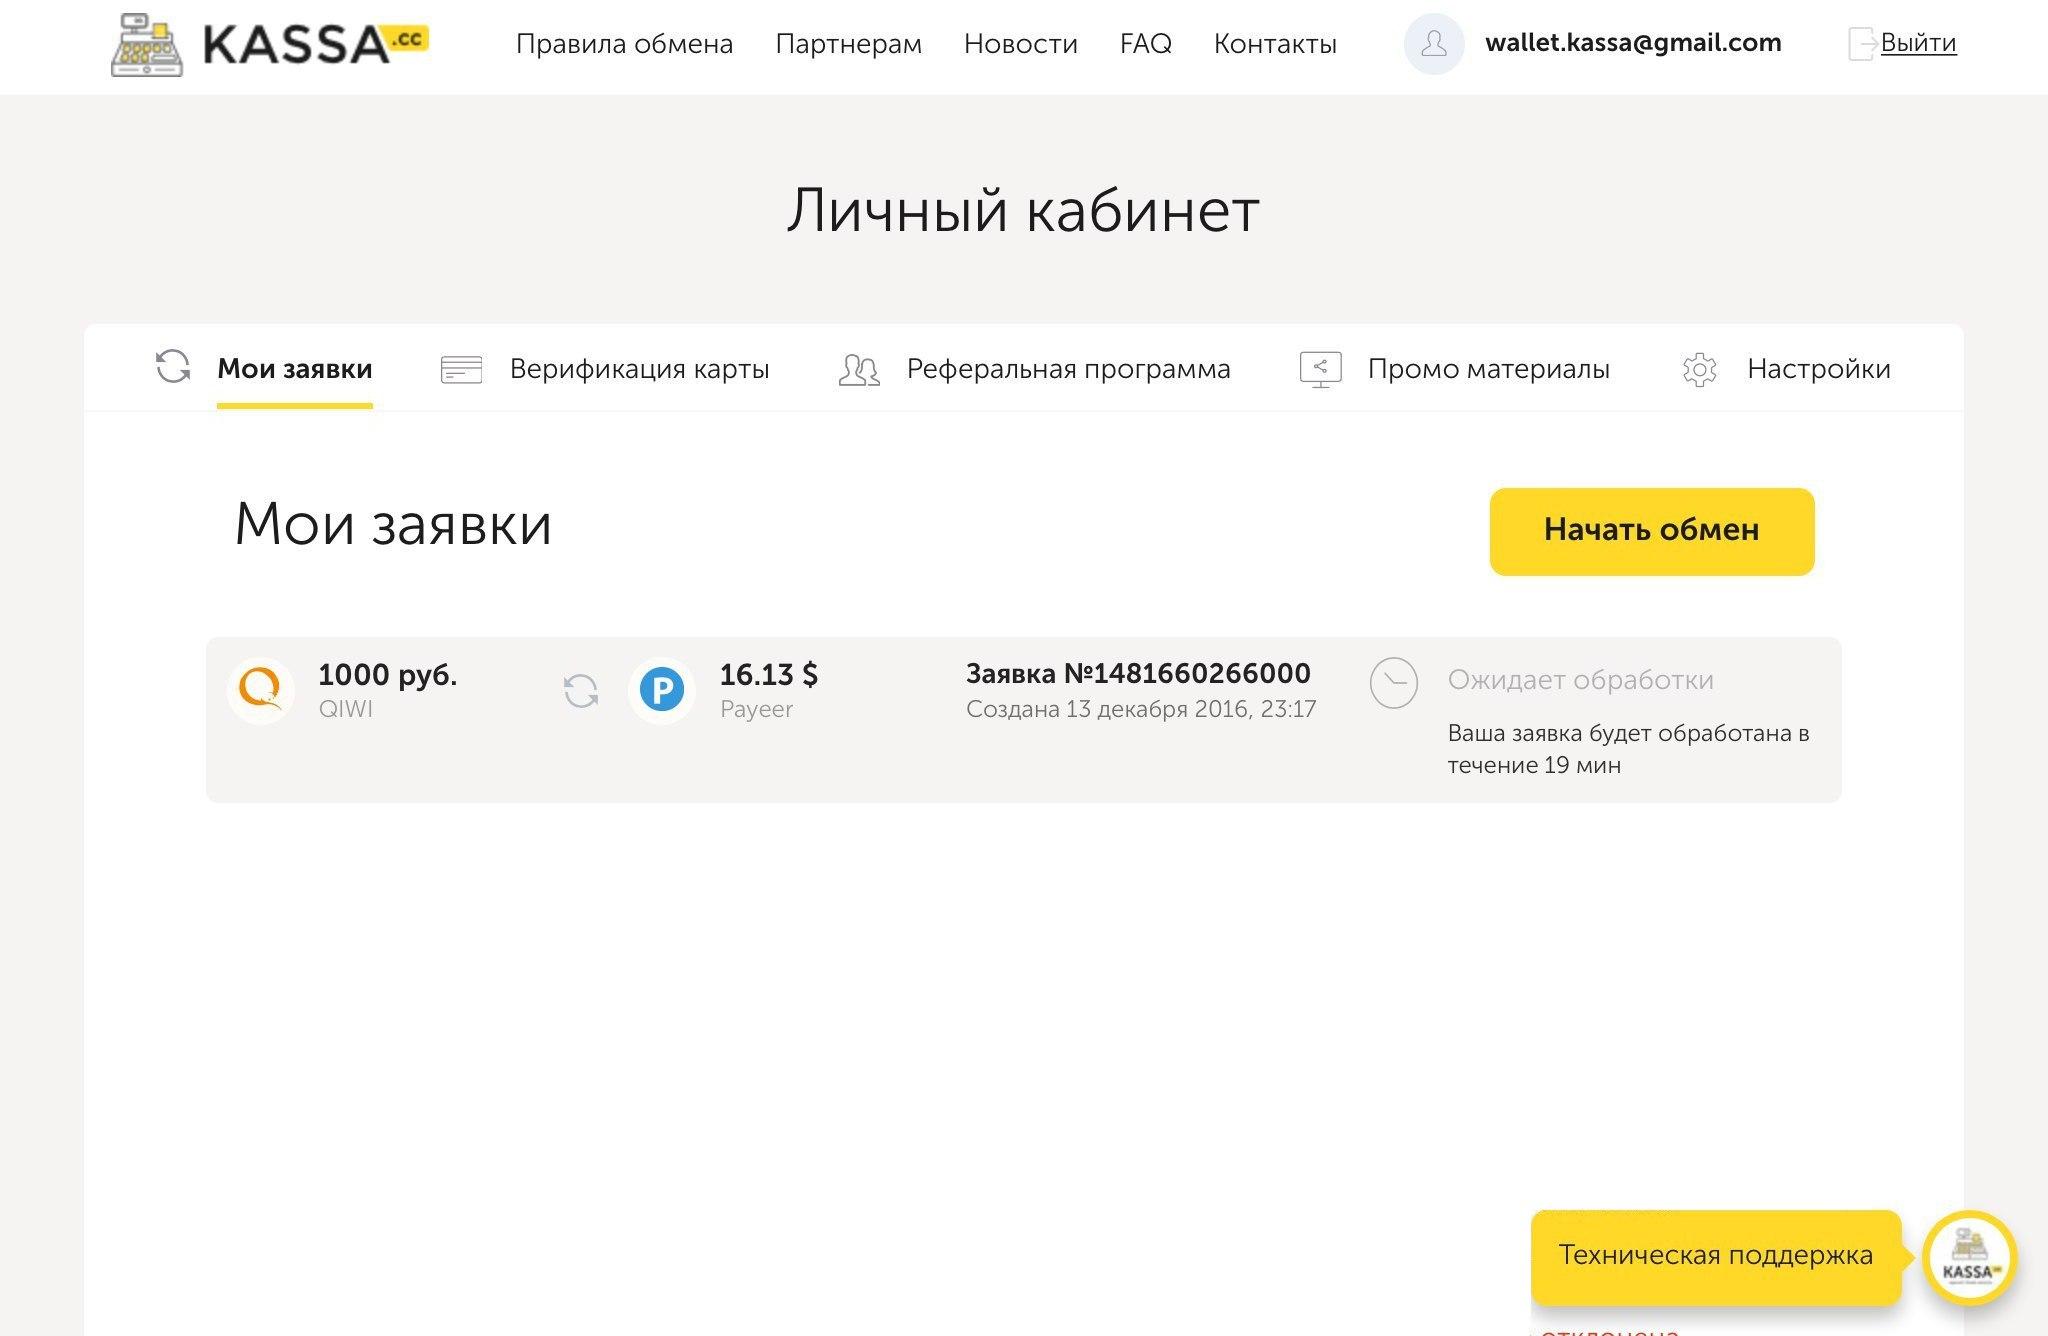 Kassa.cc - единый обмен валюты. Обмен QIWI RUB на Payeer USD